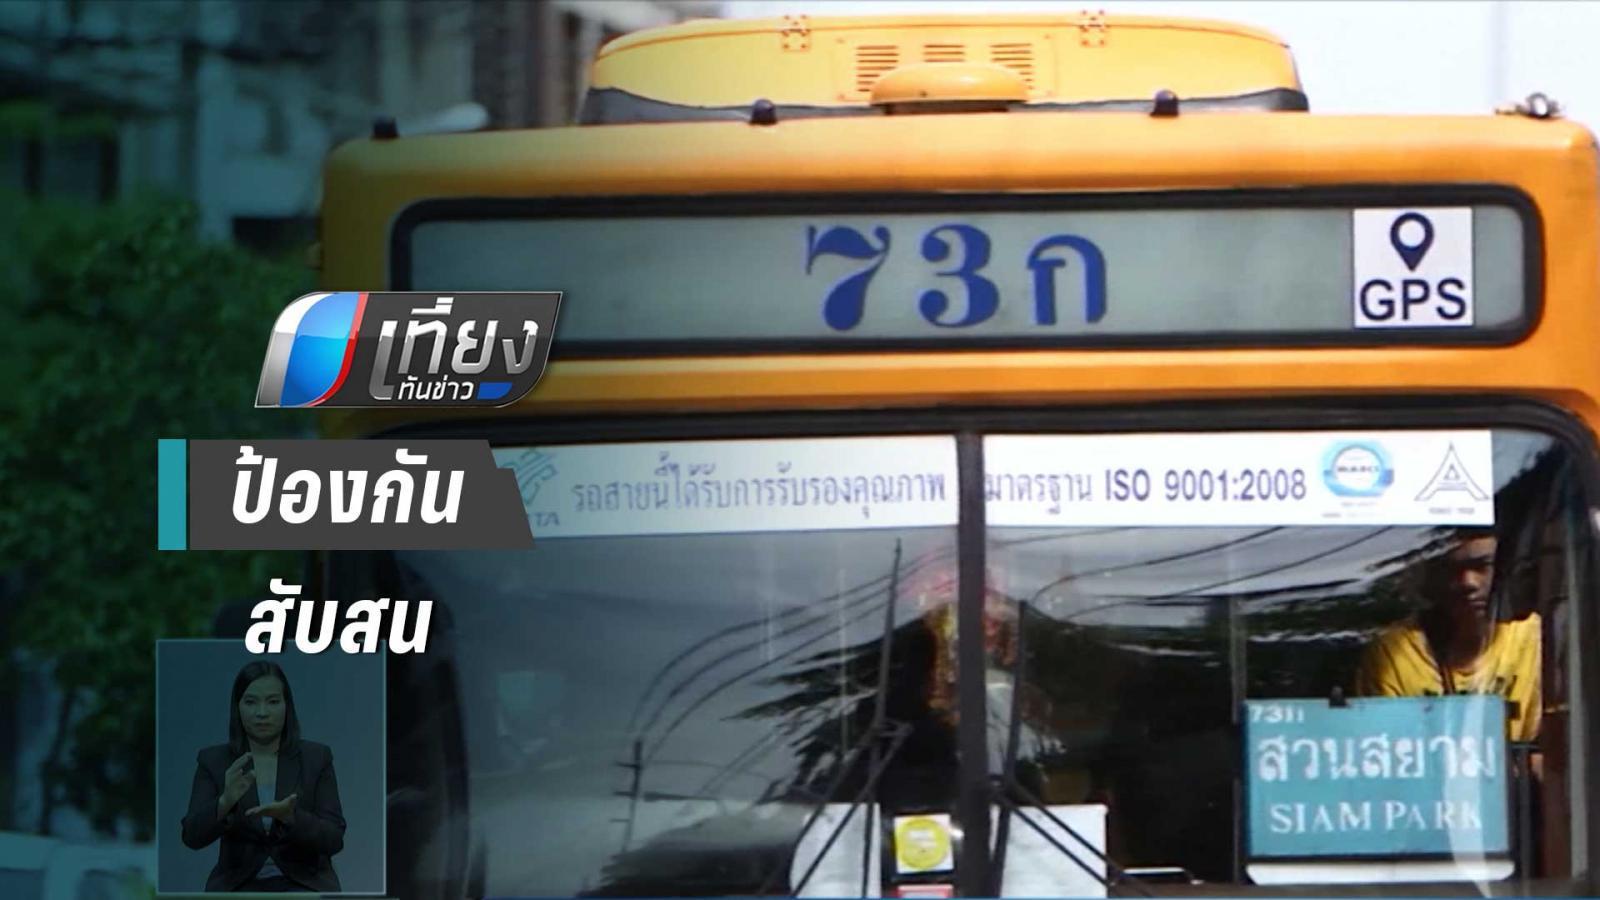 """คมนาคม จ่อเคาะแผนเปลี่ยนชื่อสาย """"รถเมล์"""" ใหม่ทั่วกรุงฯ"""